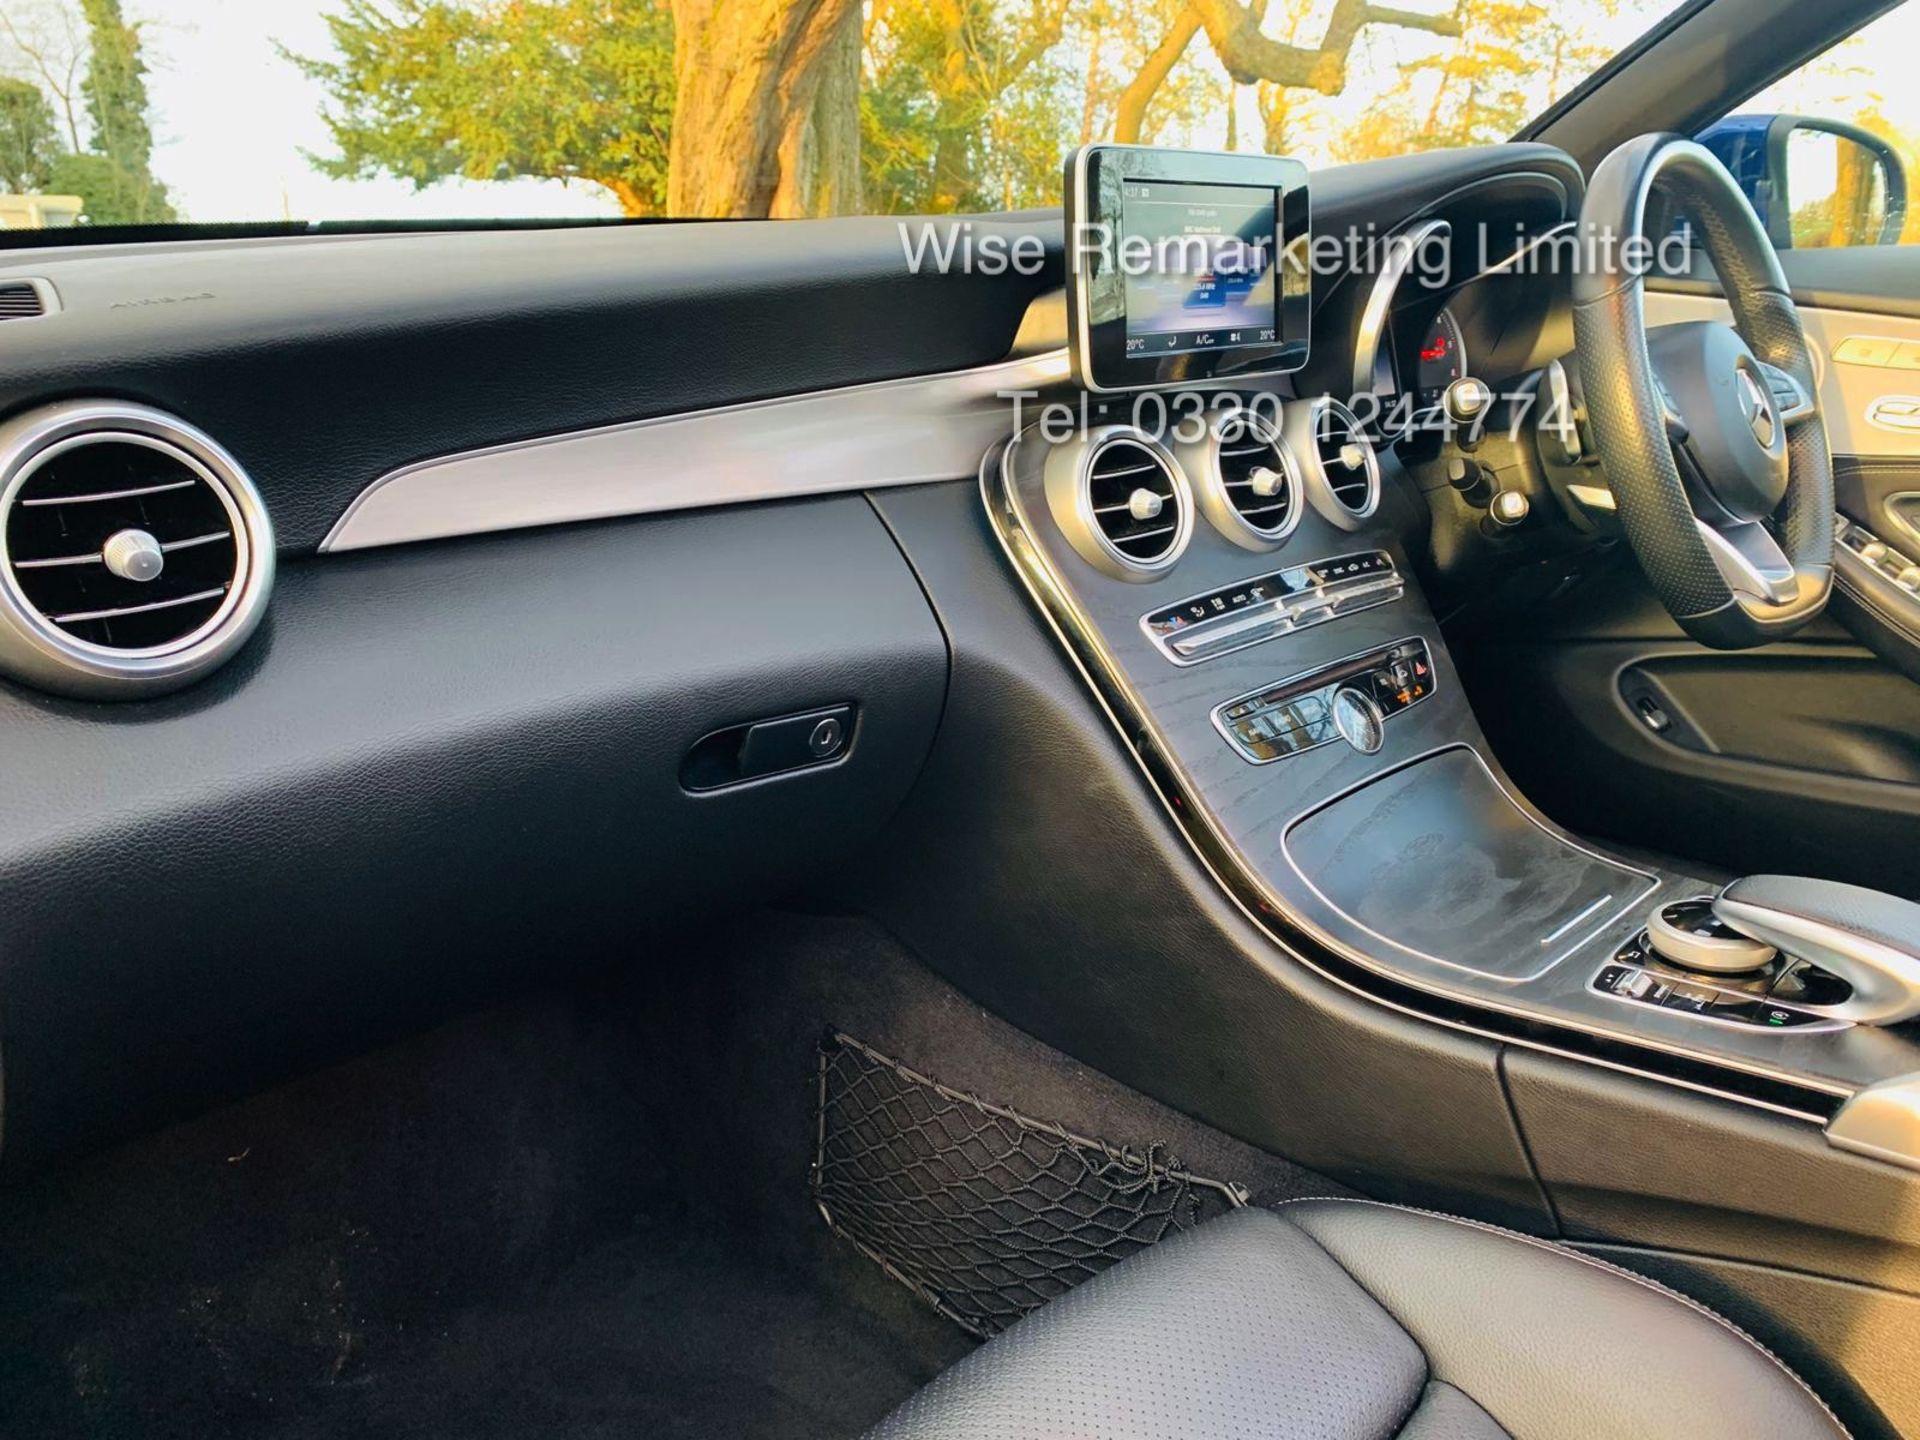 Lot 1 - Mercedes Benz C220d 2dr Convertible AMG Line Premium 9G Tip Tronic - 2018 18 Reg -15k Miles